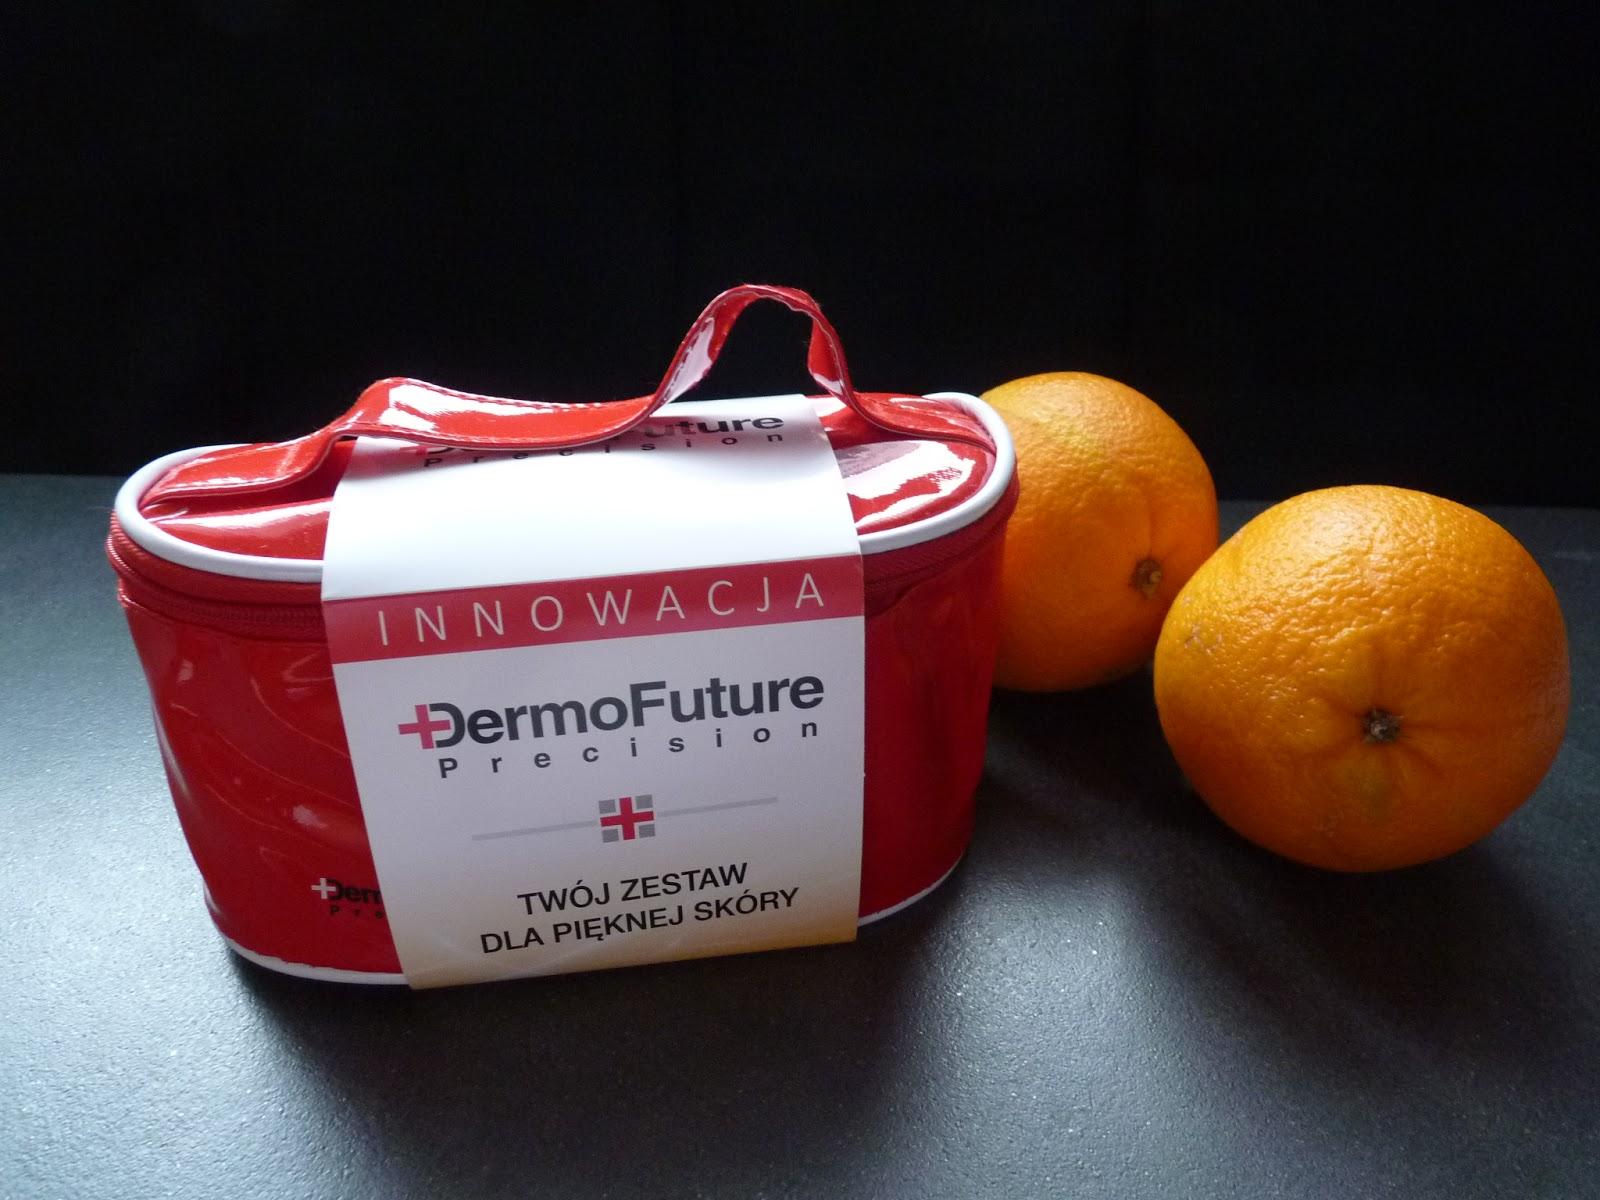 DermoFuture Precision Regenerująca kuracja z zawartością witaminy C